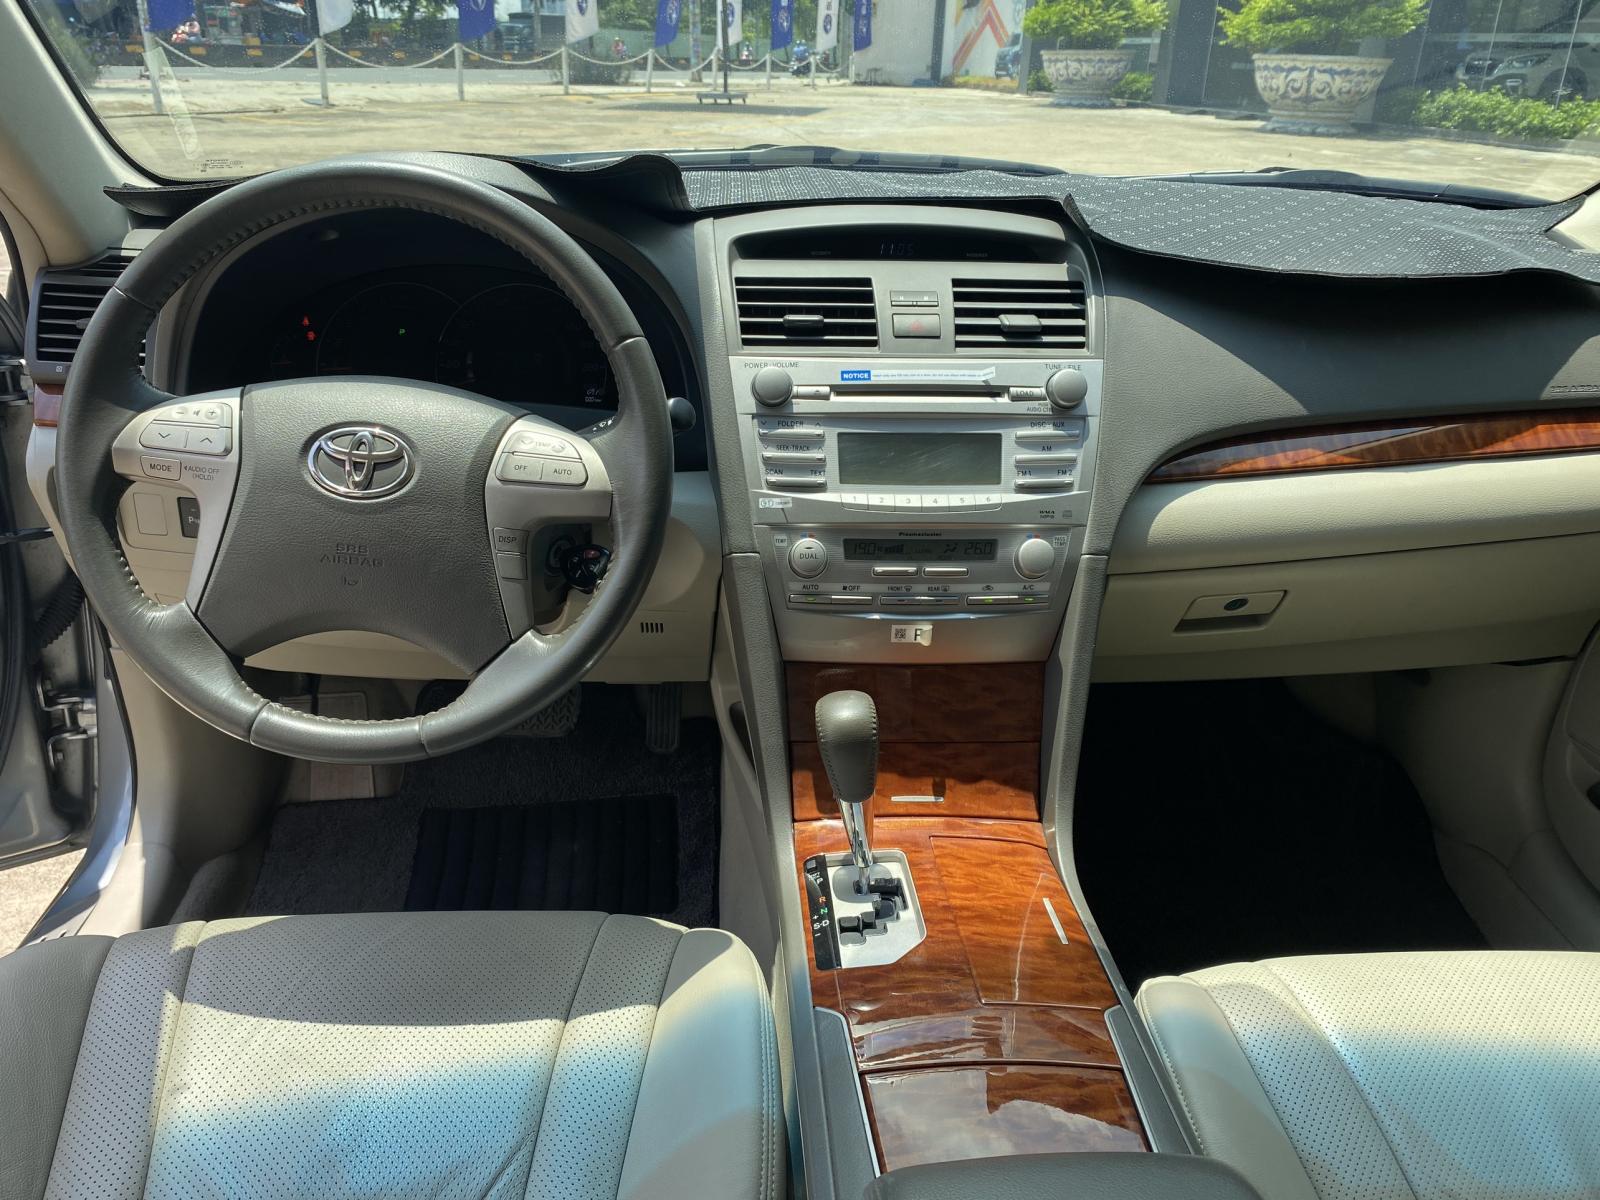 Bán ô tô Toyota Camry 2.4G sản xuất 2010, màu bạc, giá tốt, xe siêu lướt